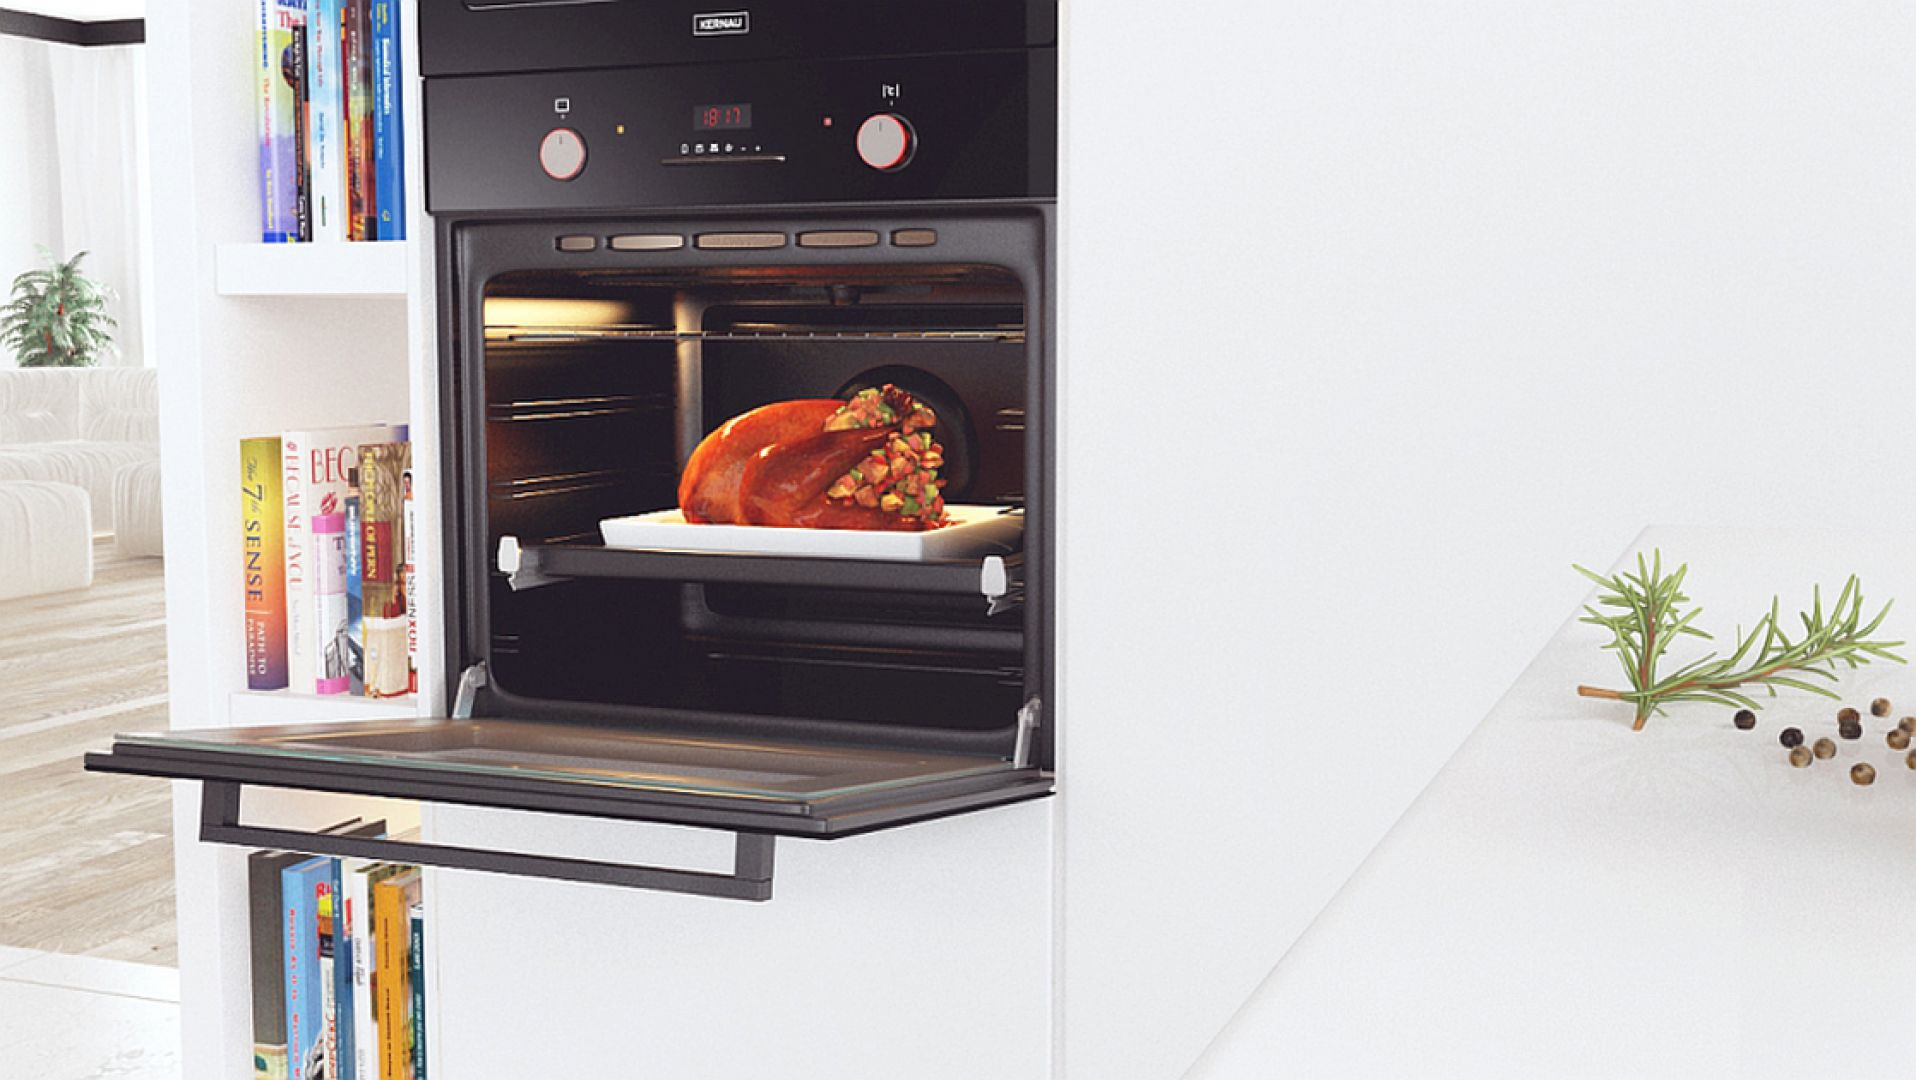 Kolejnym, silnie eksploatowanym w czasie przedświątecznych przygotowań sprzętem AGD jest piekarnik. Zdarza się, że po wyciągnięciu dania, czekając aż piekarnik się wystudzi, zapominamy o jego umyciu, a przypalone resztki pozostają na blachach i ruszcie. Fot. Kernau